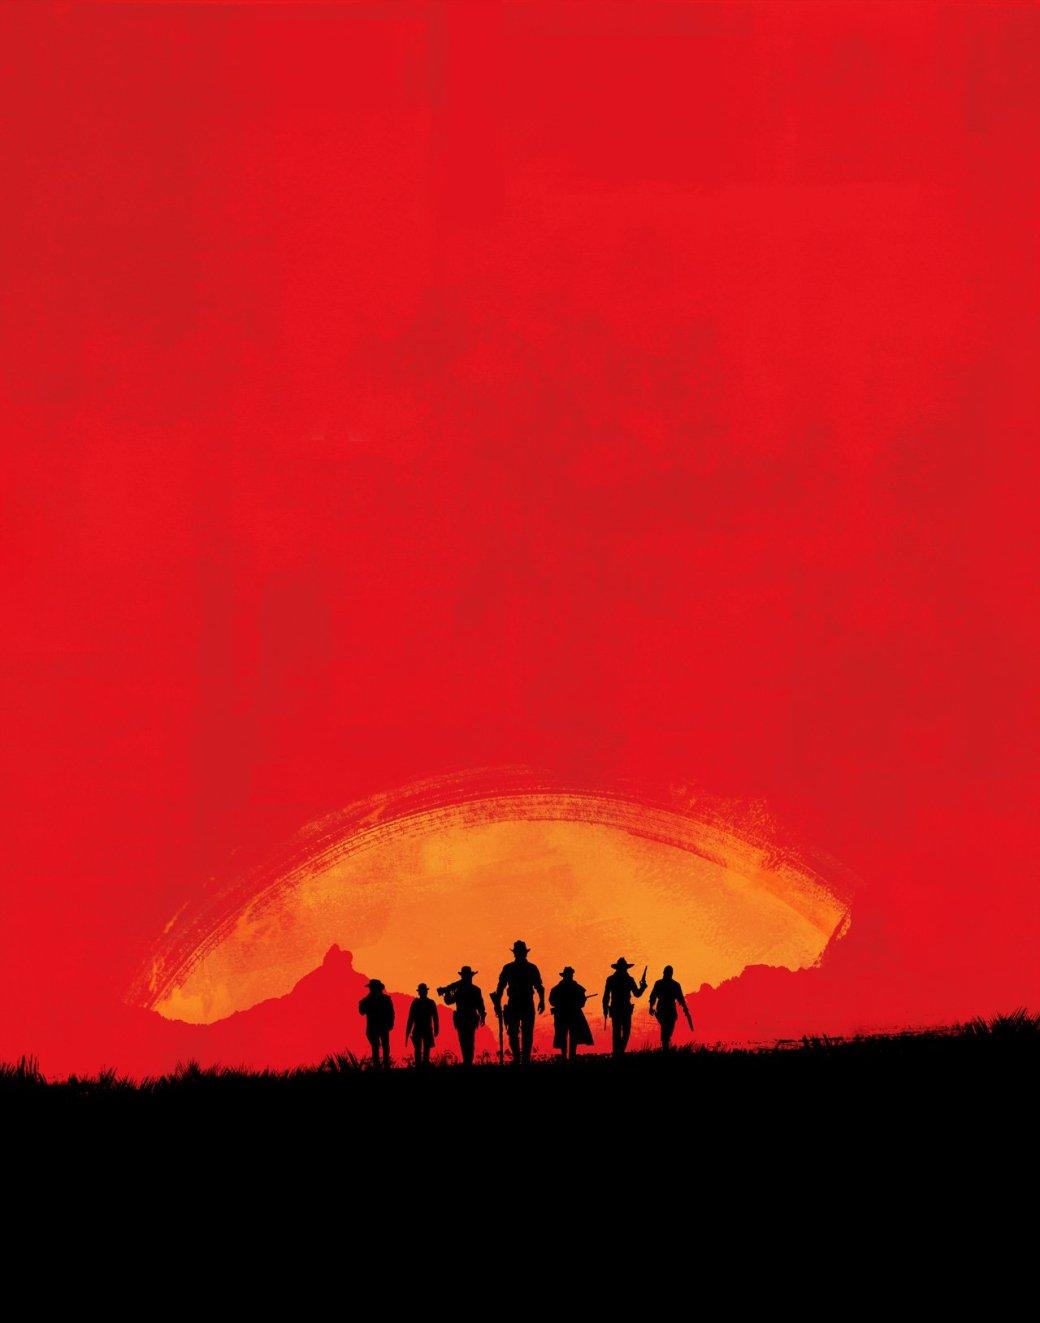 Анонс сиквела Red Dead все ближе: Rockstar опубликовала новый арт - Изображение 1